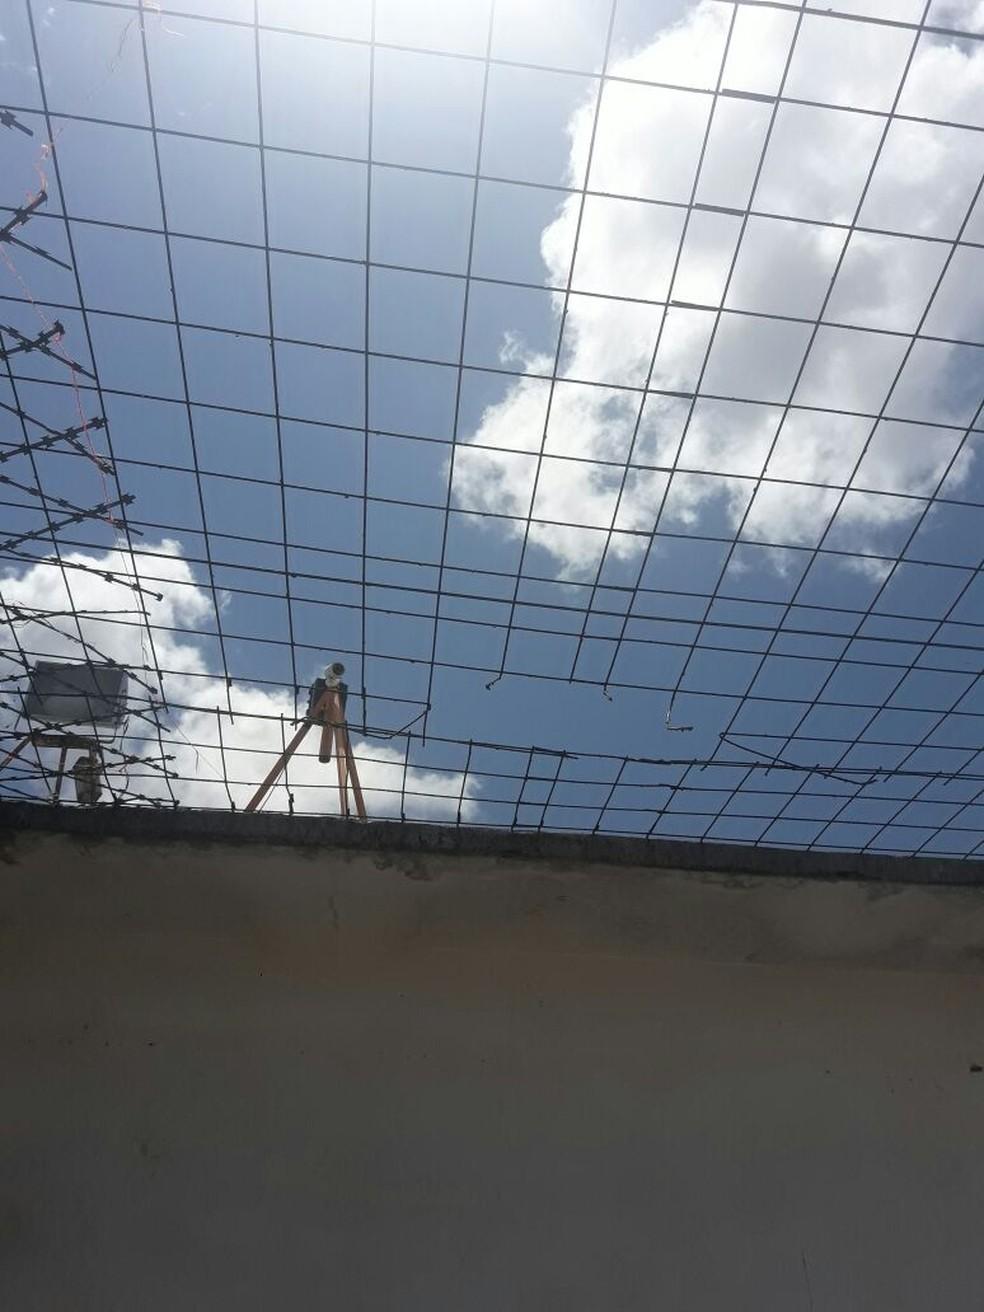 Presos serraram a tela de proteção na tentativa de fugir do presídio (Foto: Ascom/Sindapen)